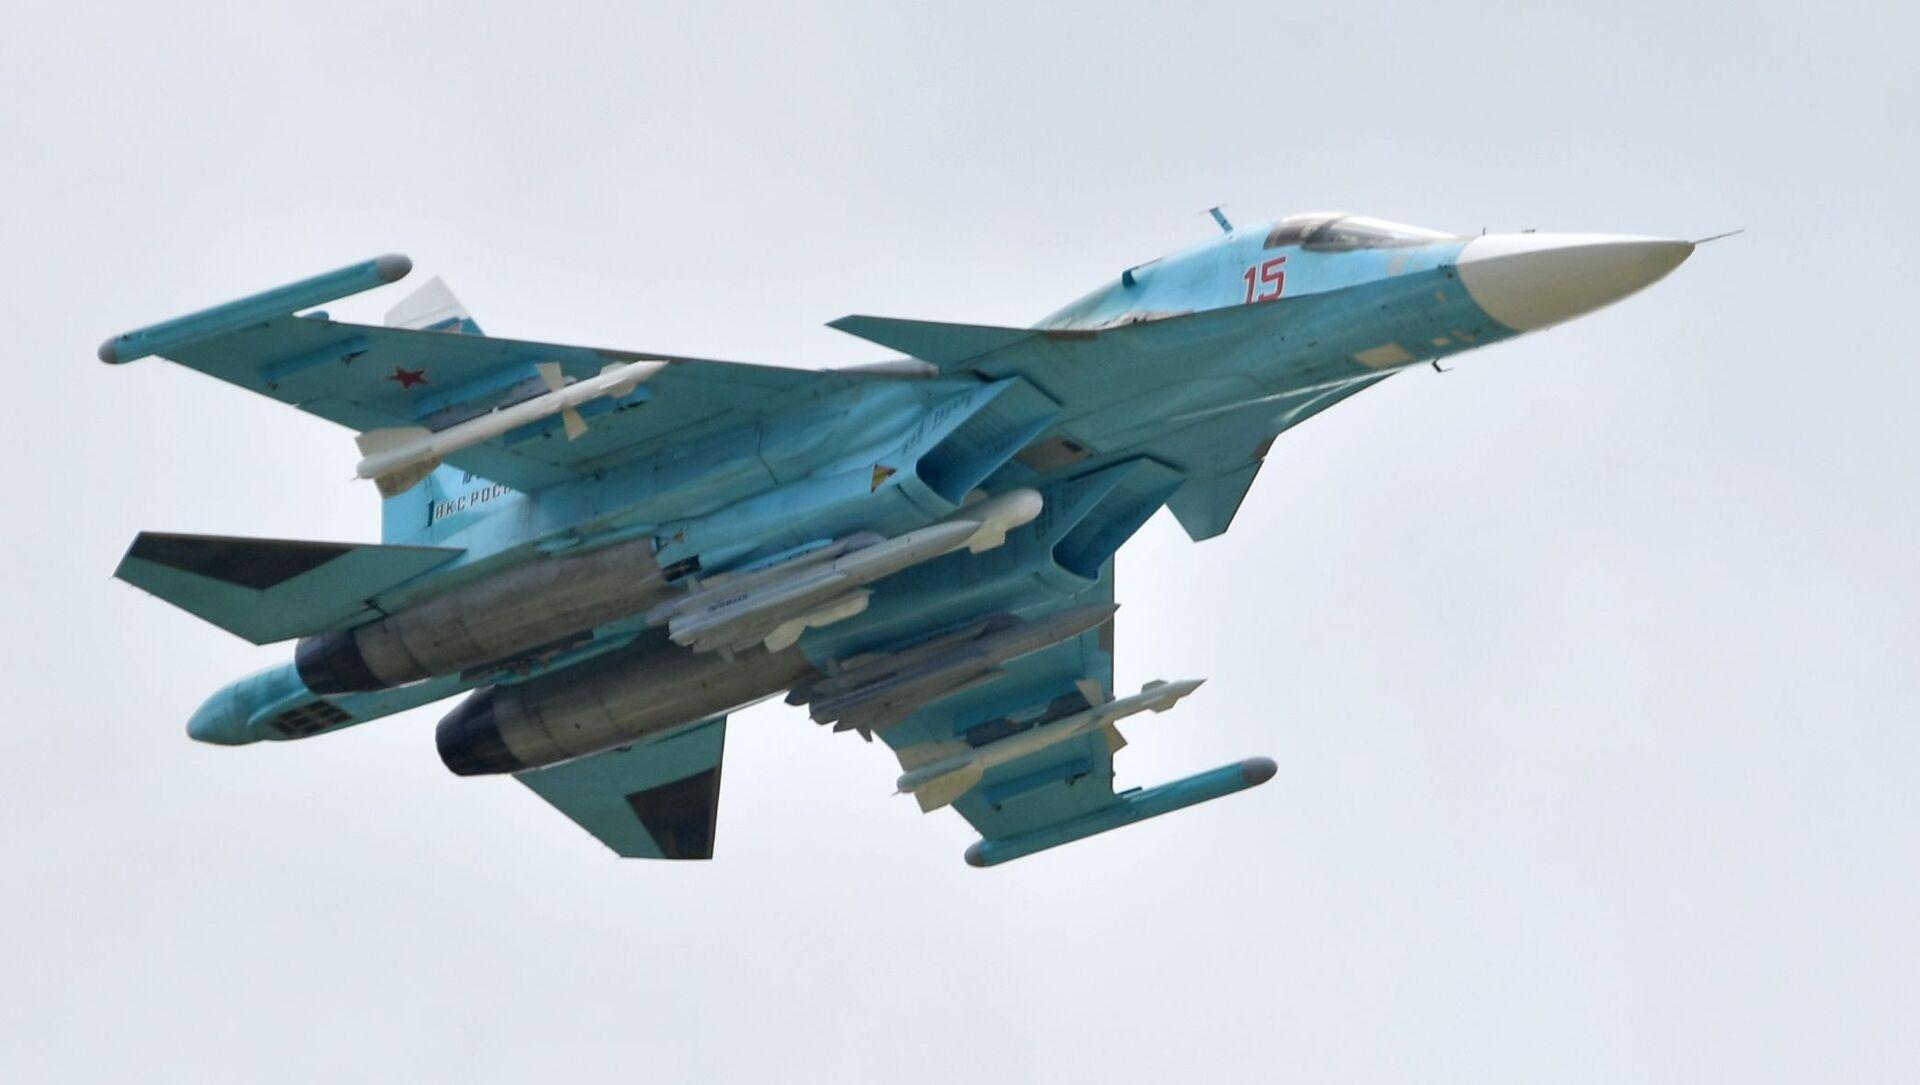 Rosyjski myśliwiec Su-34 na Międzynarodowym Salonie Lotniczym i Kosmicznym MAKS 2019  - Sputnik Polska, 1920, 12.04.2021